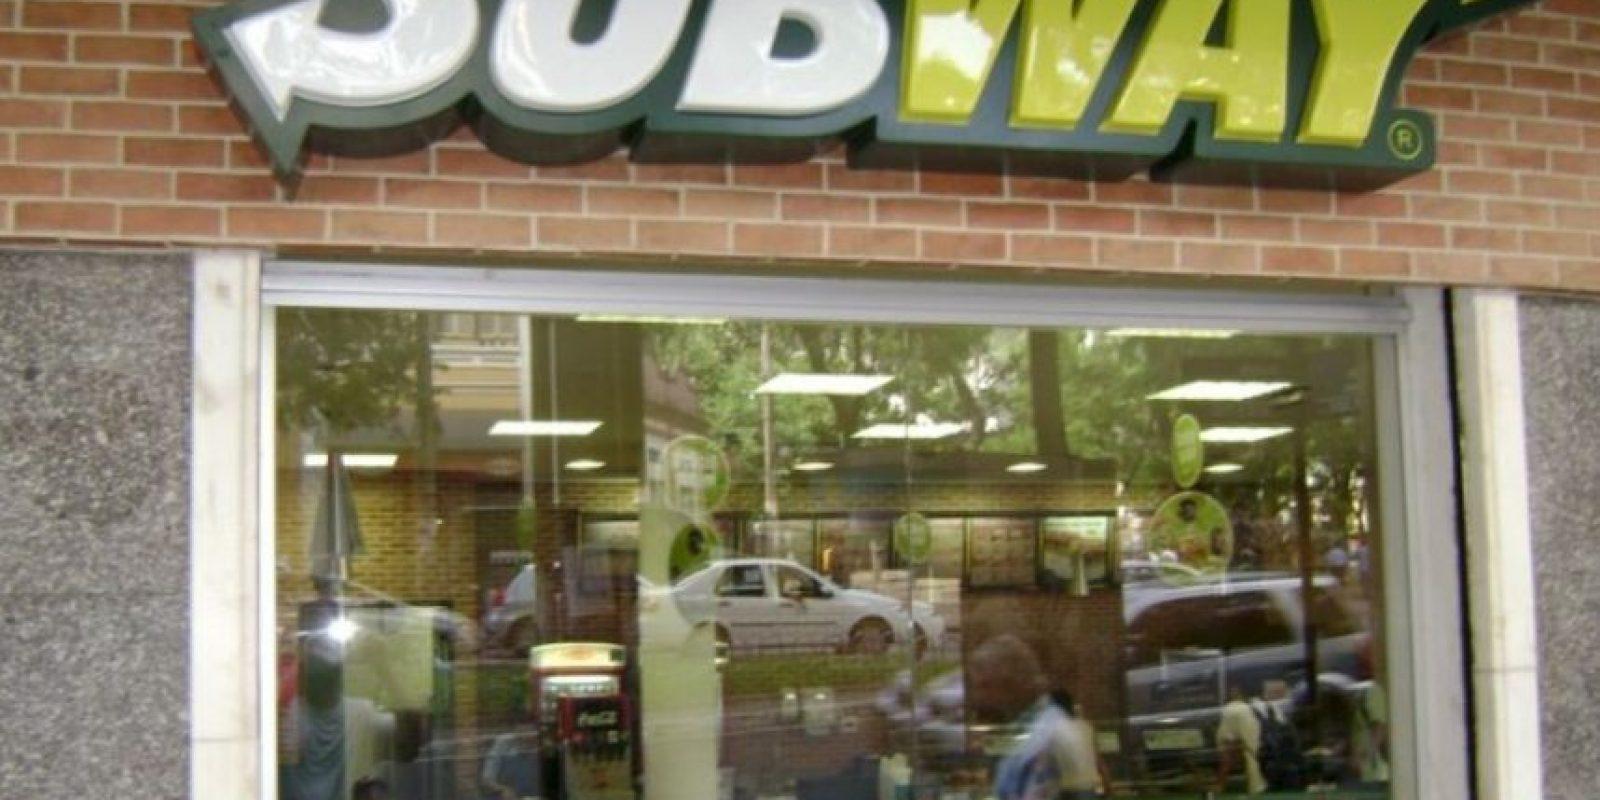 Un hombre asaltó cuatro Subways porque su dieta de sándwiches no funcionó. Foto:Getty Images